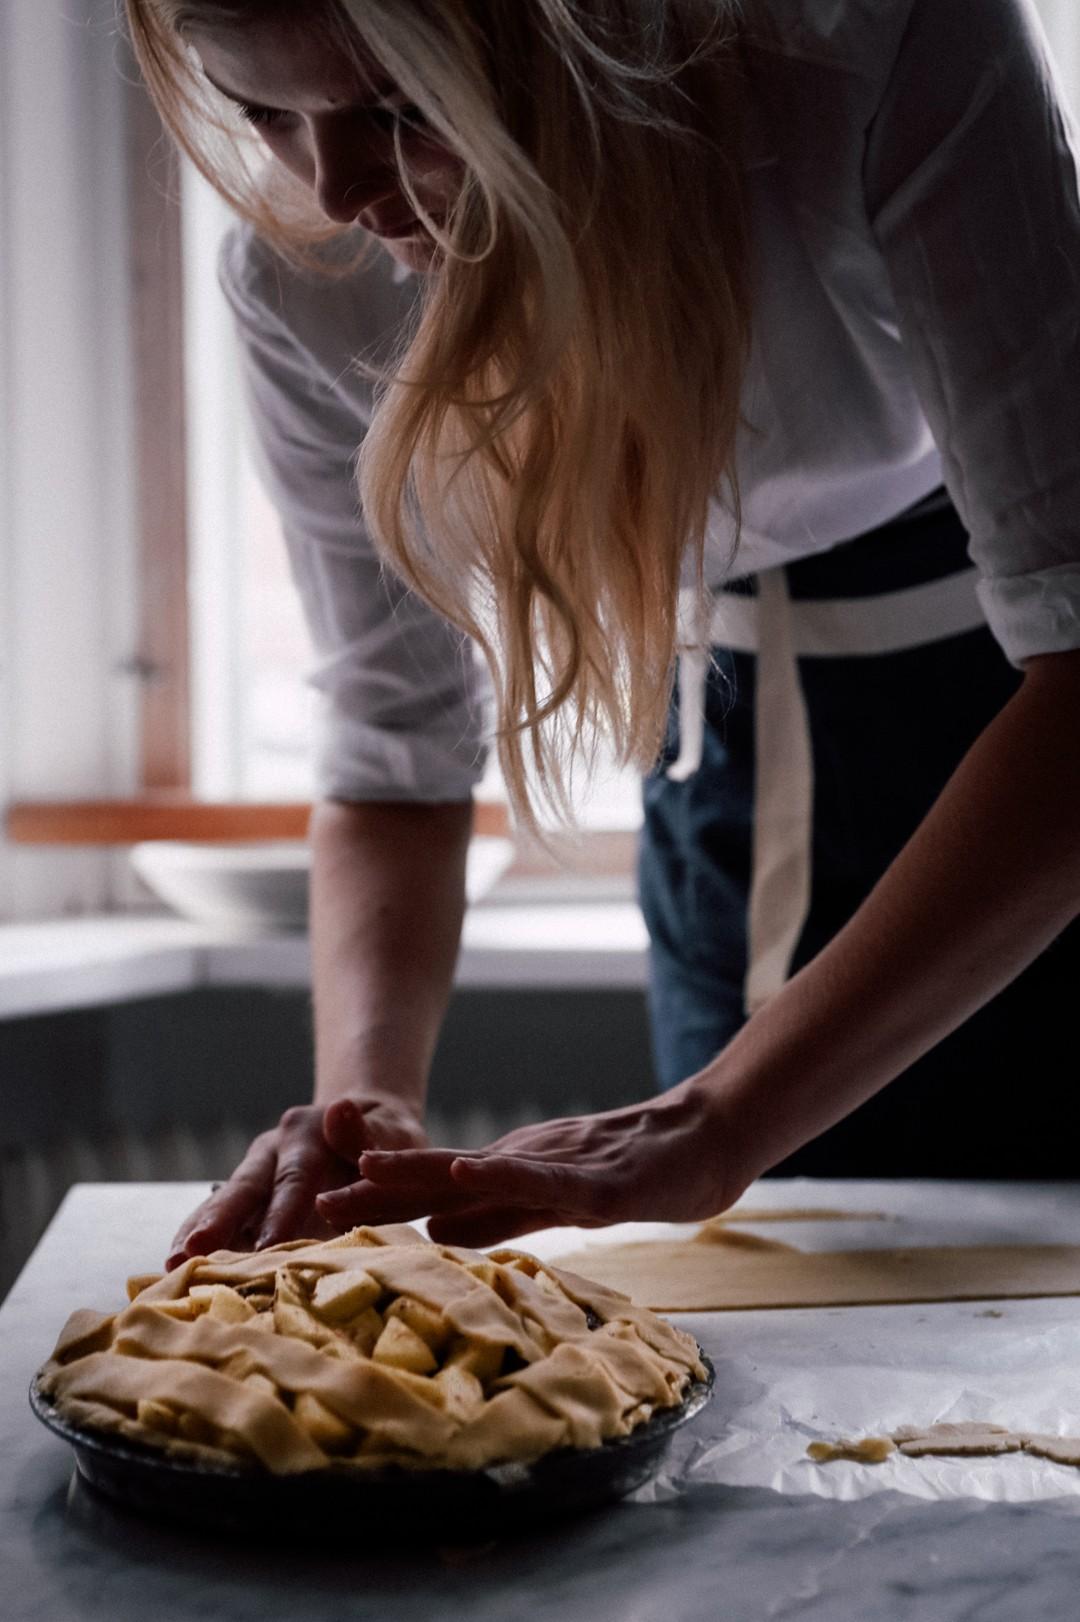 7 неожиданных кулинарных приемов из лучших кулинарных книг года